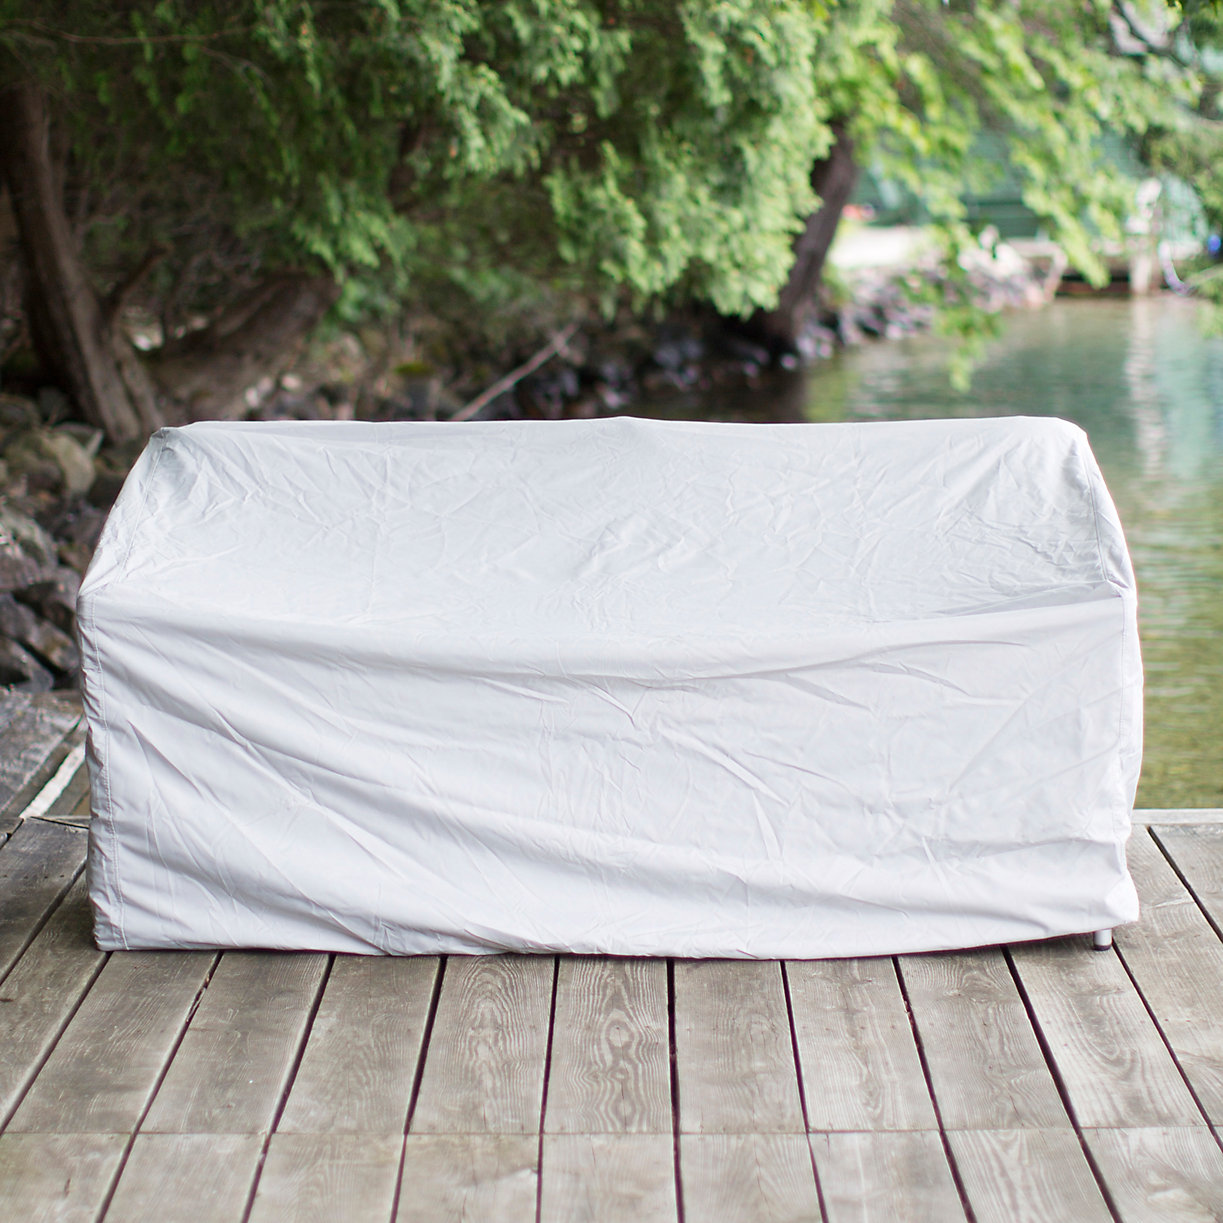 Outdoor Sofa Cover - Terrain